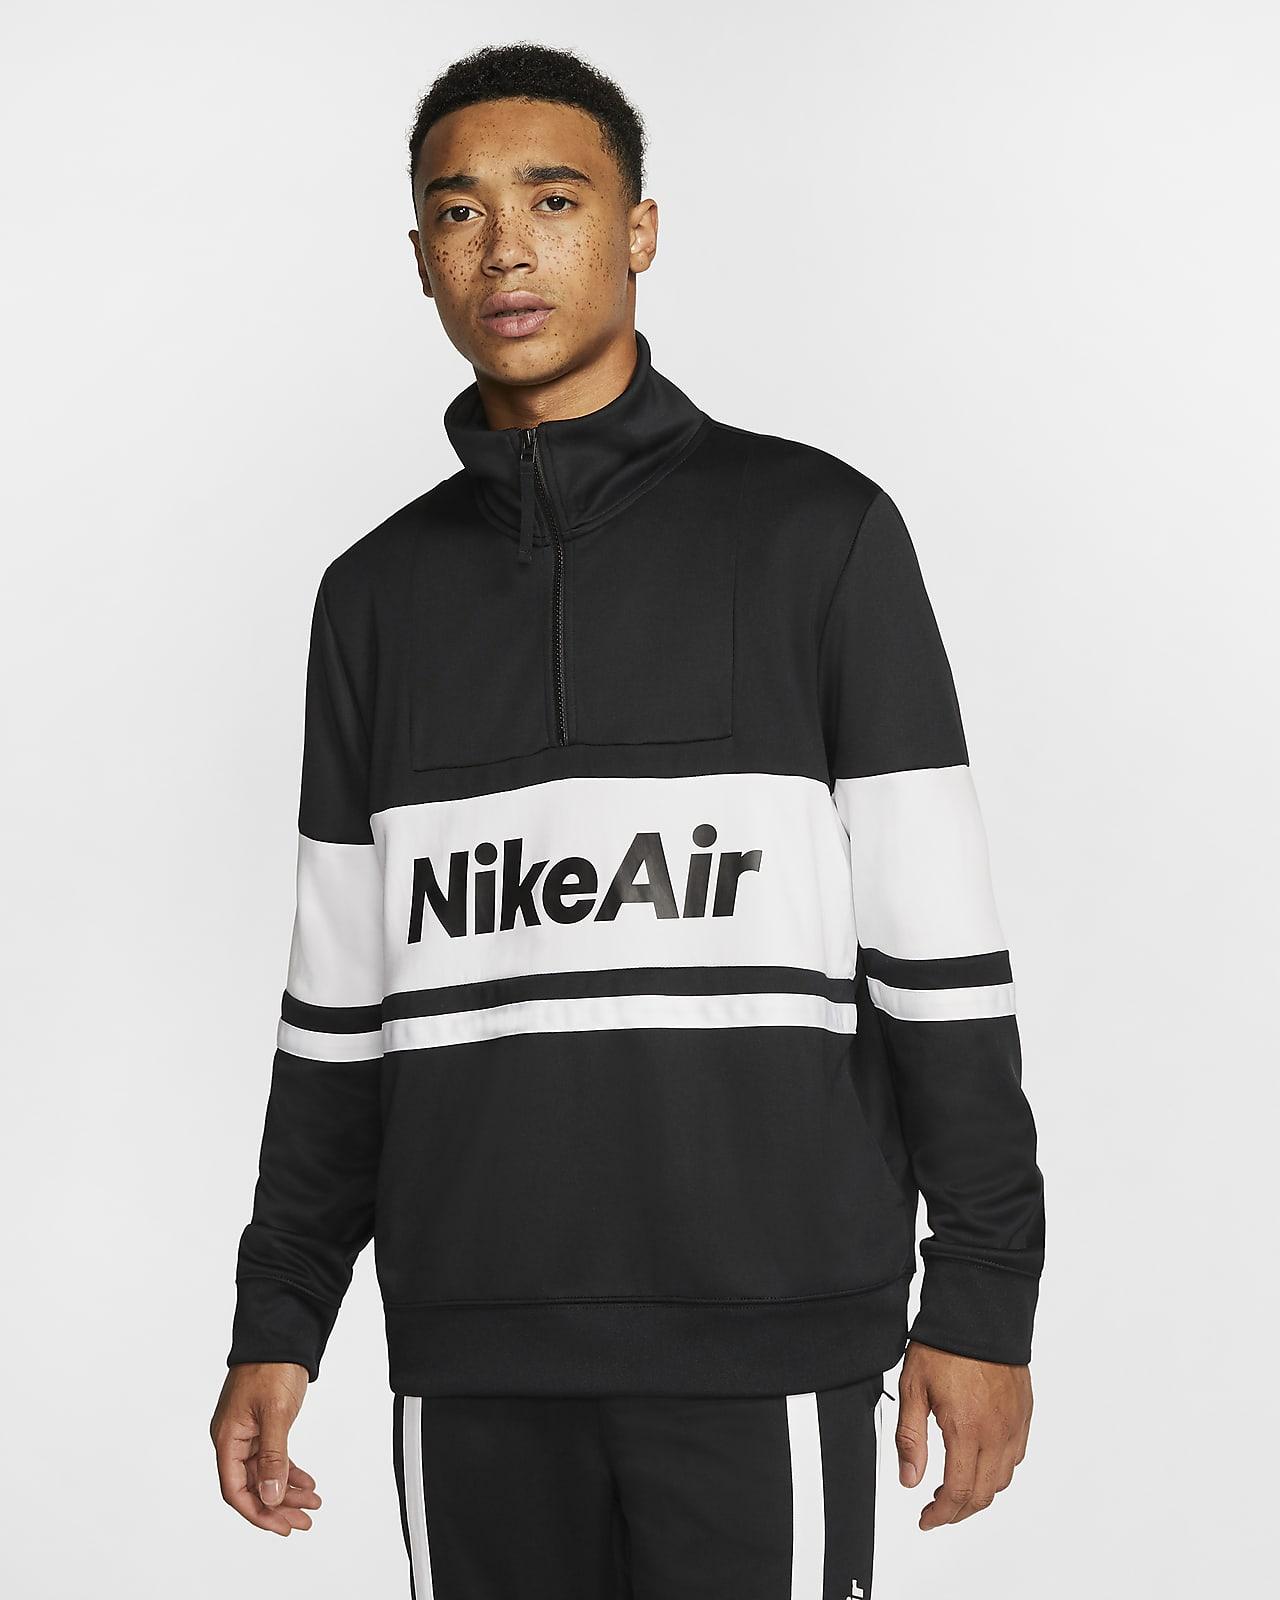 Pase para saber charla pavo  Nike Air Men's Jacket. Nike LU